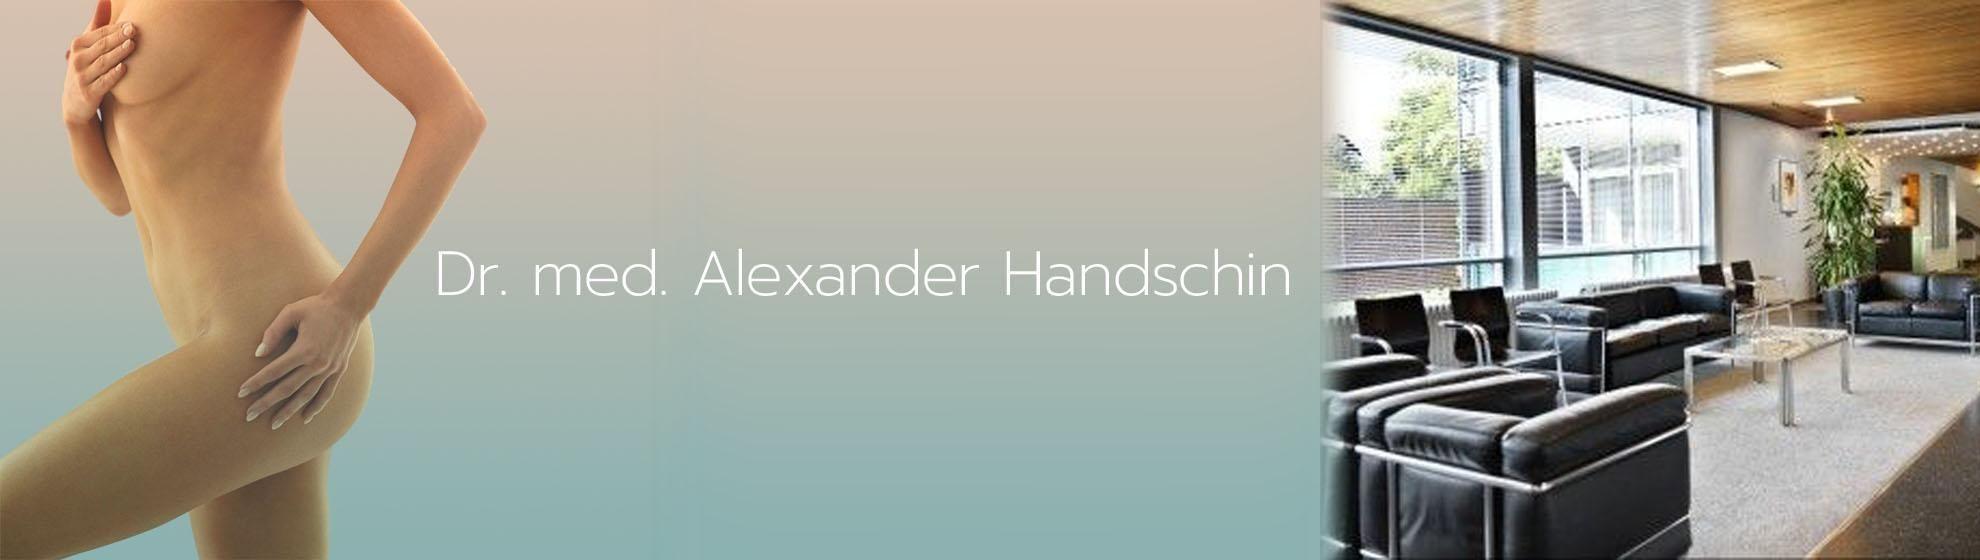 Dr. med. Alexander Handschin